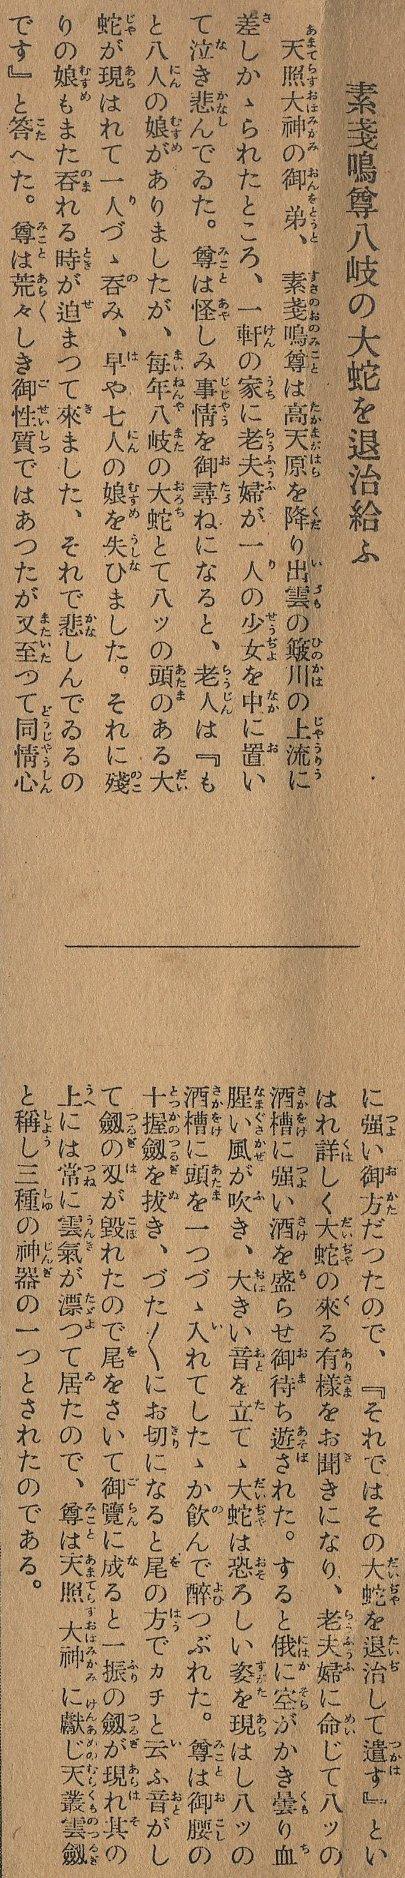 01_susano_yamatanoorochitaiji_ex.jpg